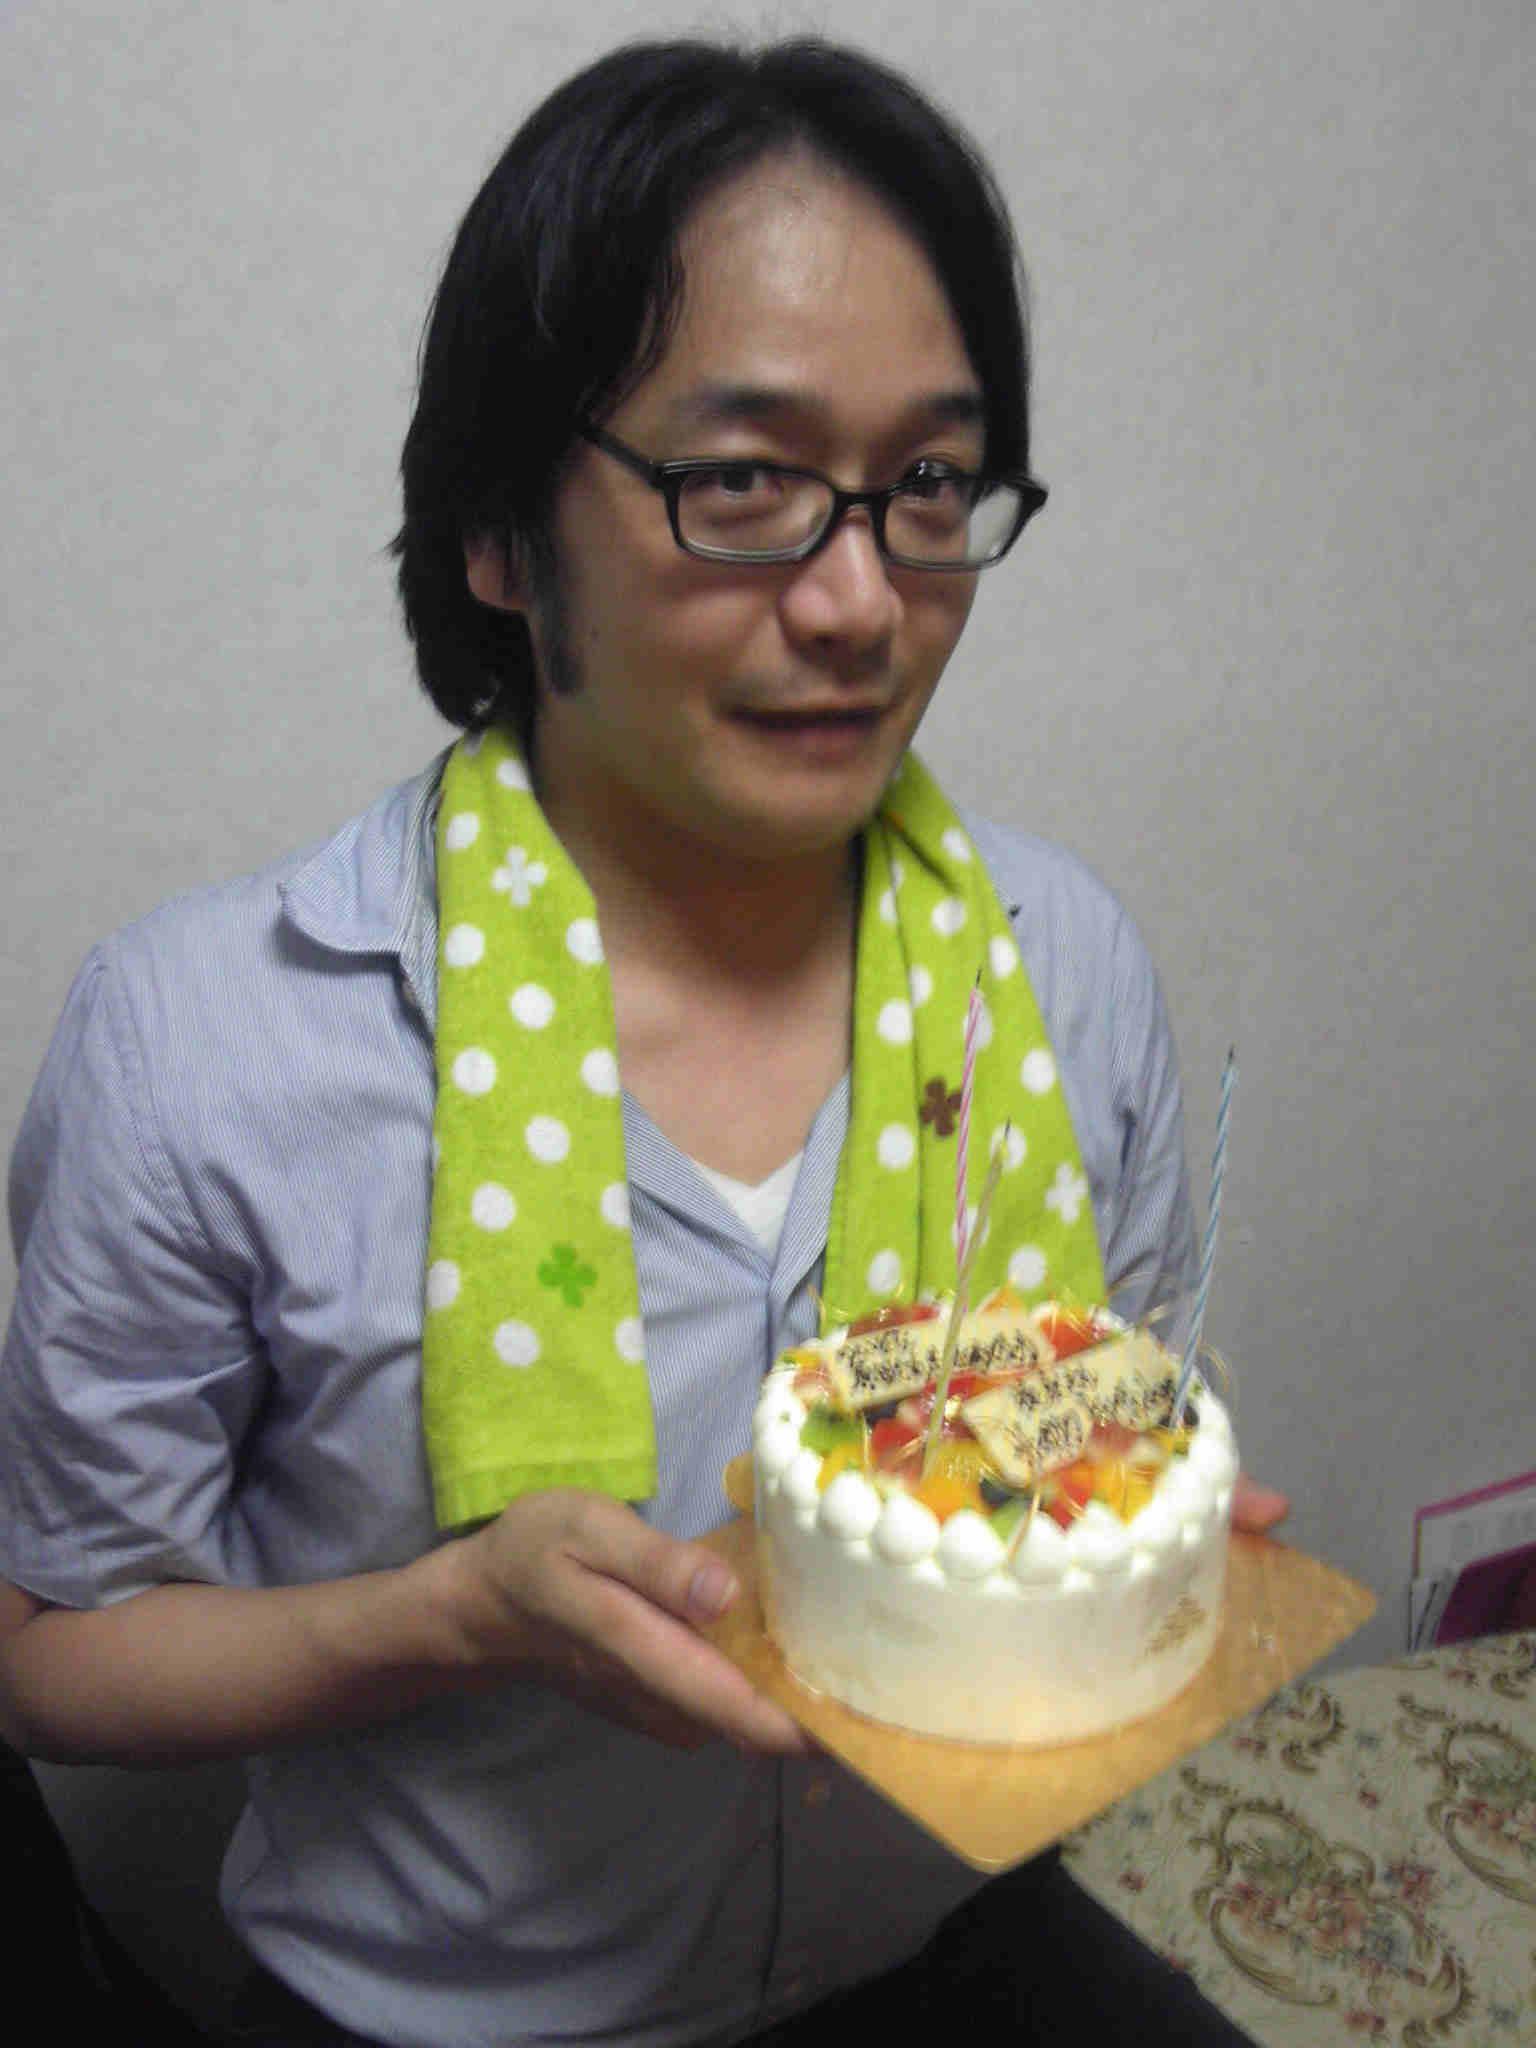 徳永さんお誕生日